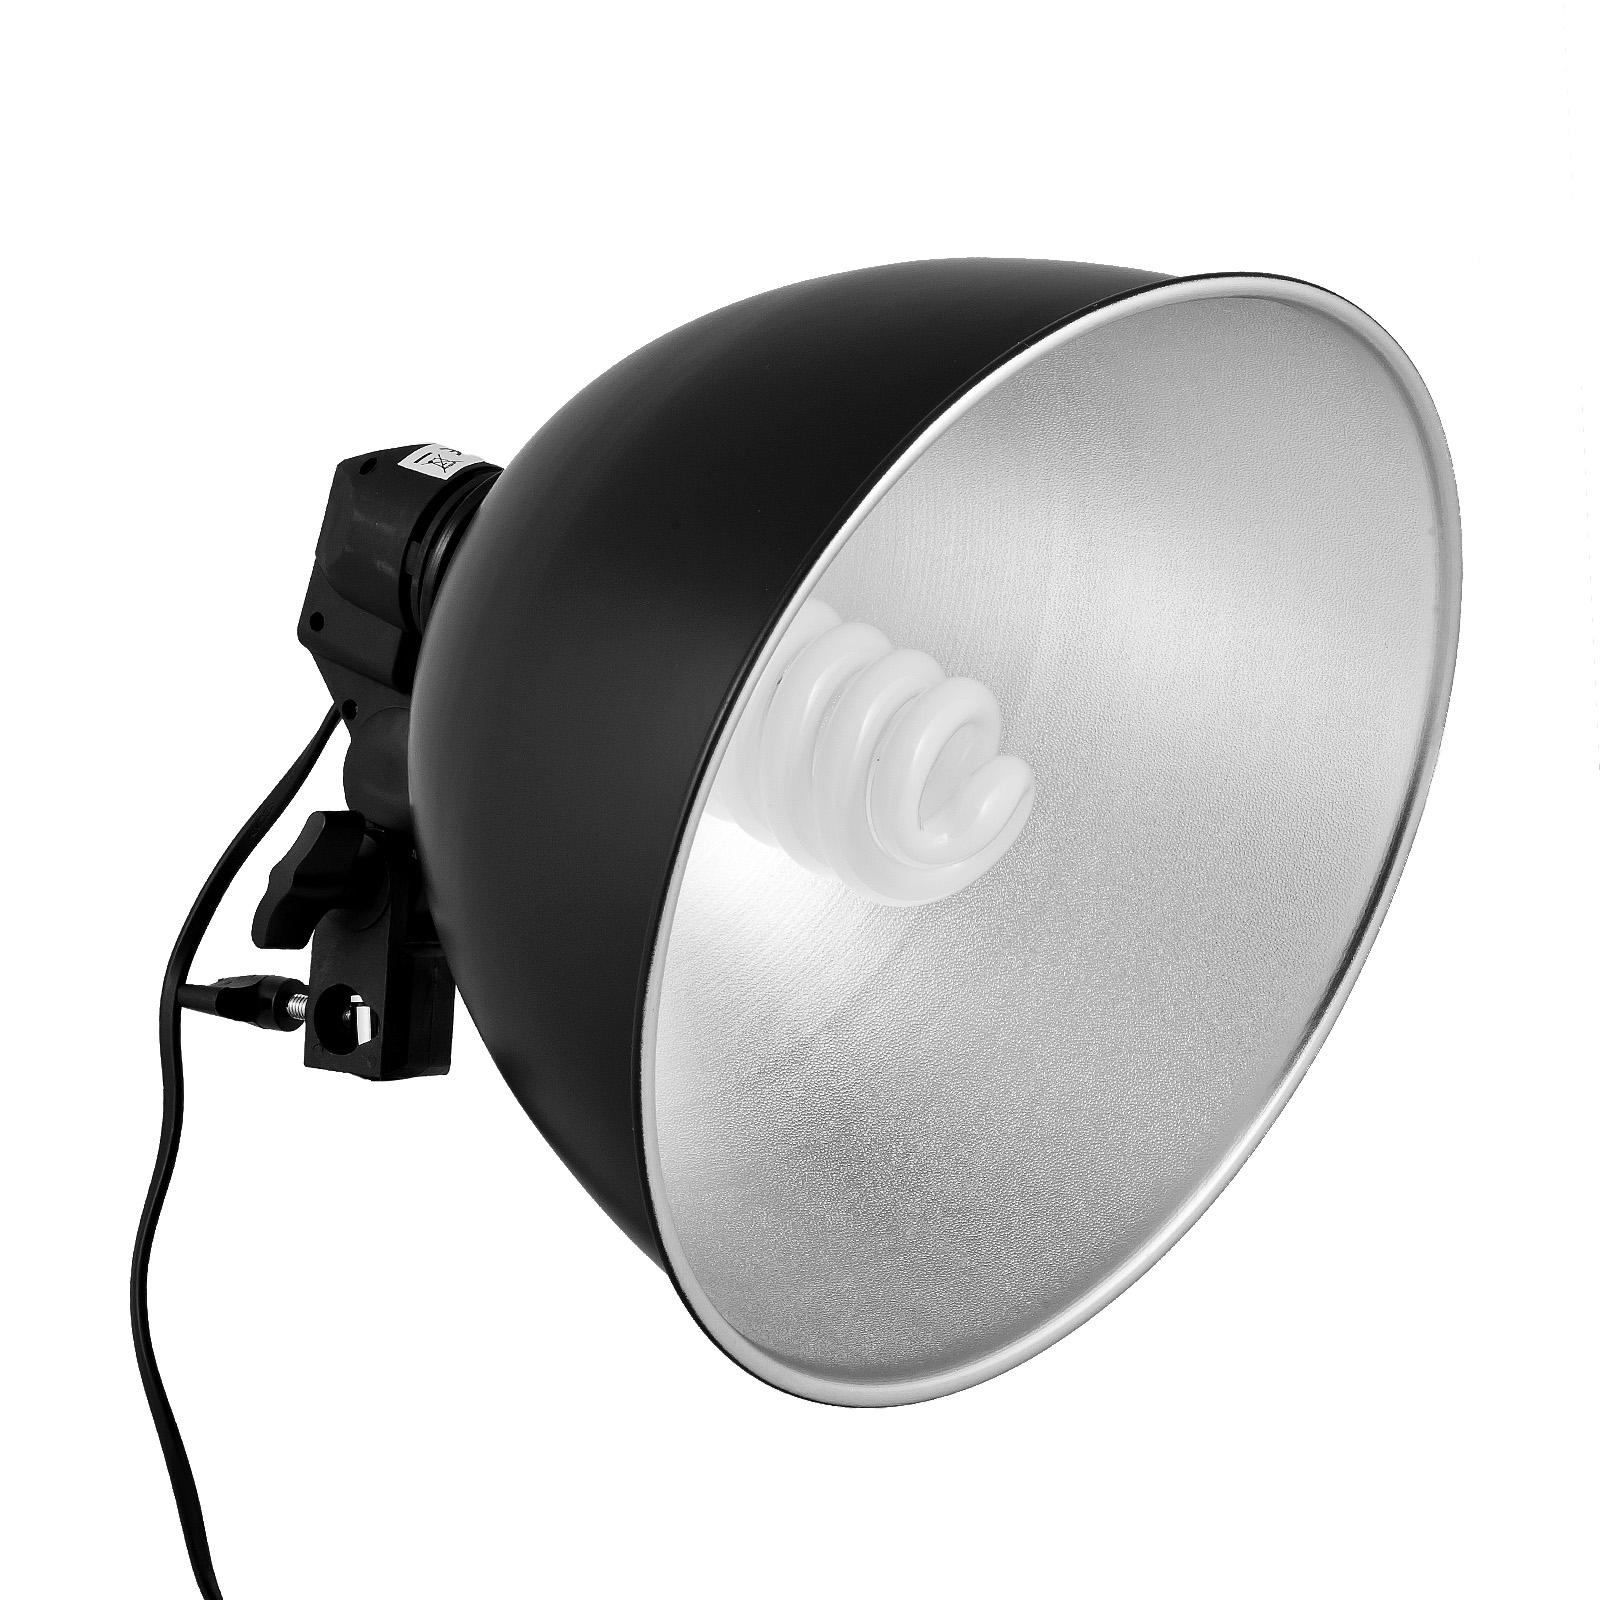 mircopro Постоянный флуоресцентный свет Mircopro FL-102